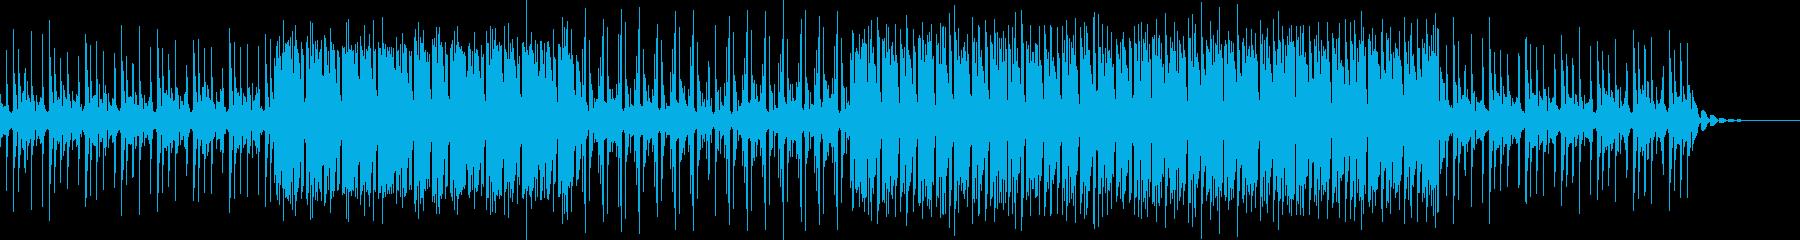 洋楽アンセム クールな曲の再生済みの波形